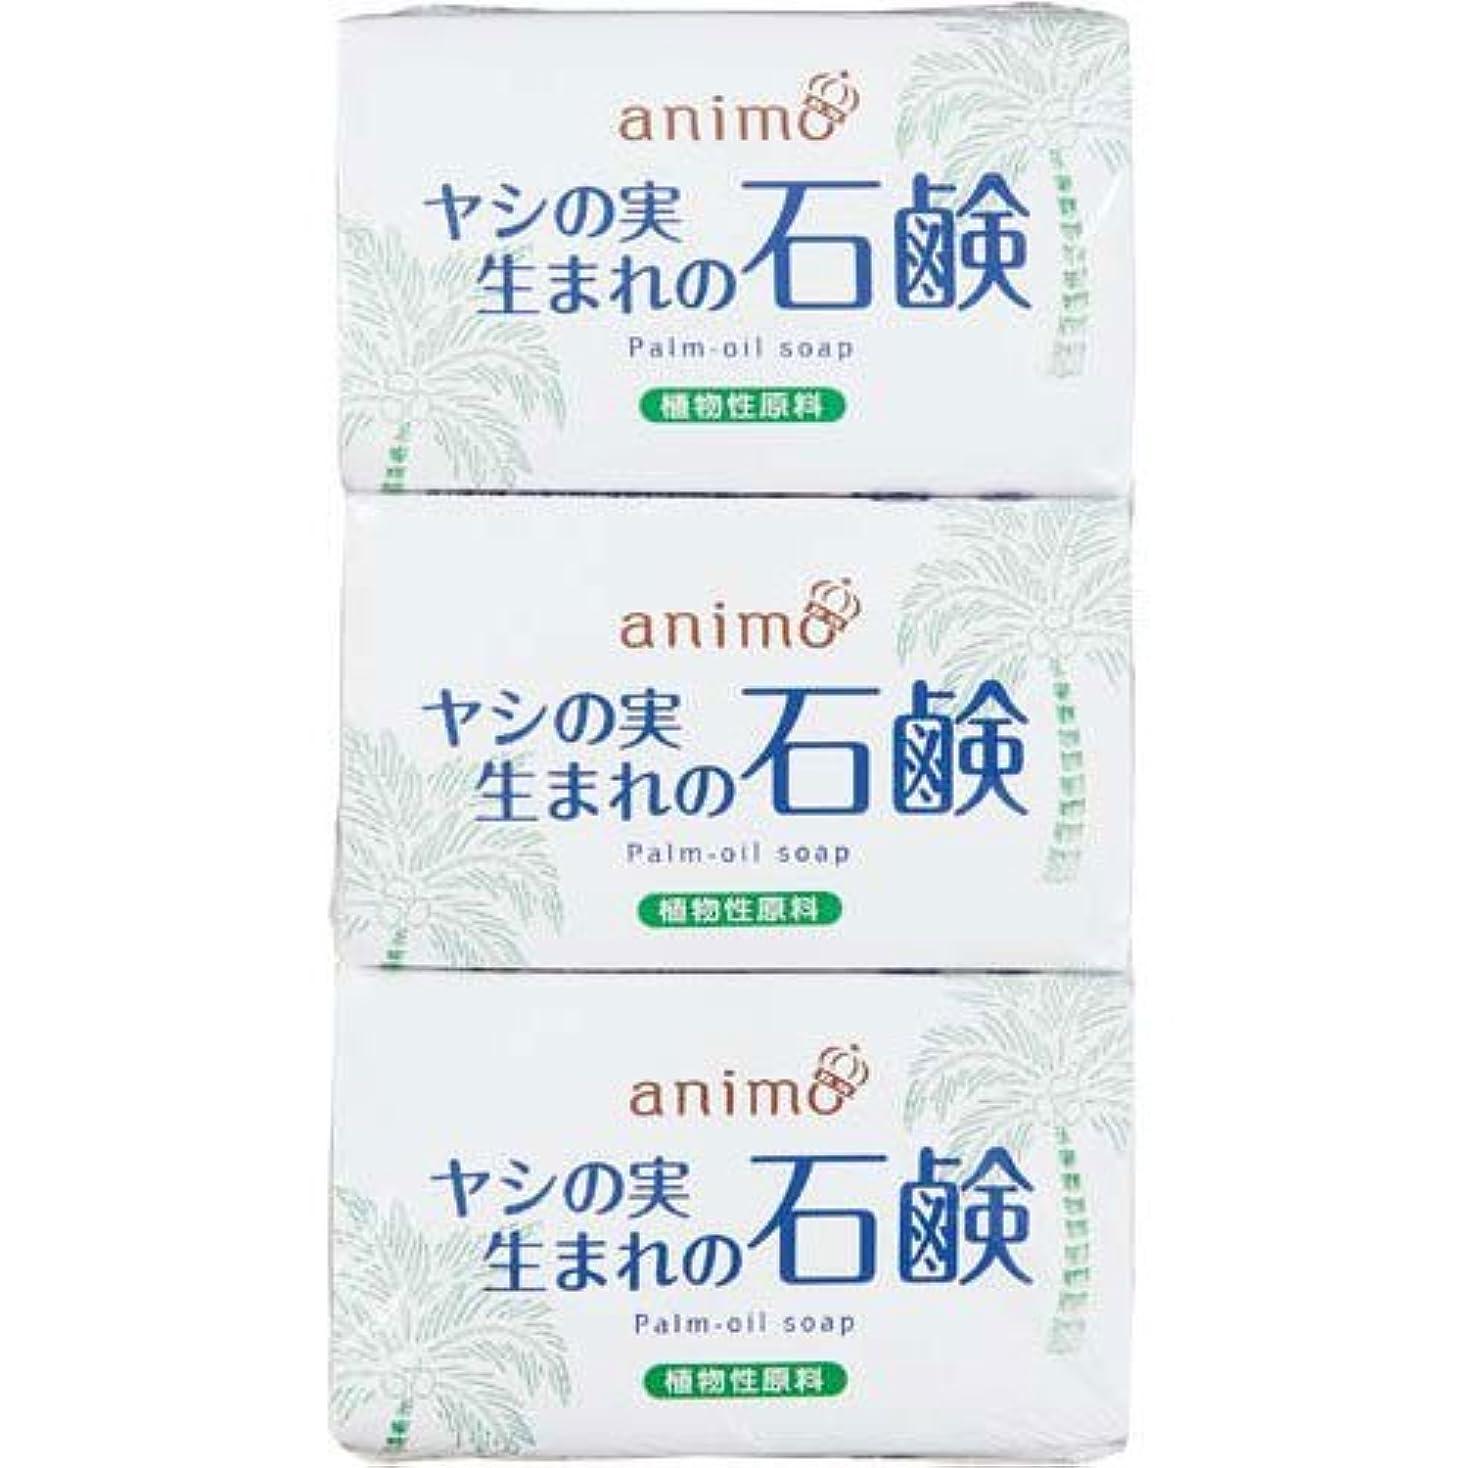 引き金文法謝るロケット石鹸 ヤシの実石鹸 80g×3個×5パック